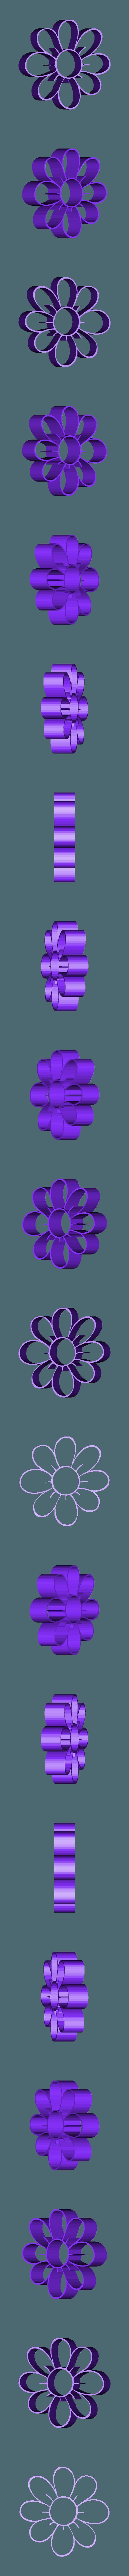 Flor2.stl Download free STL file Cake and Biscuit Moulds • 3D printer design, Zero13